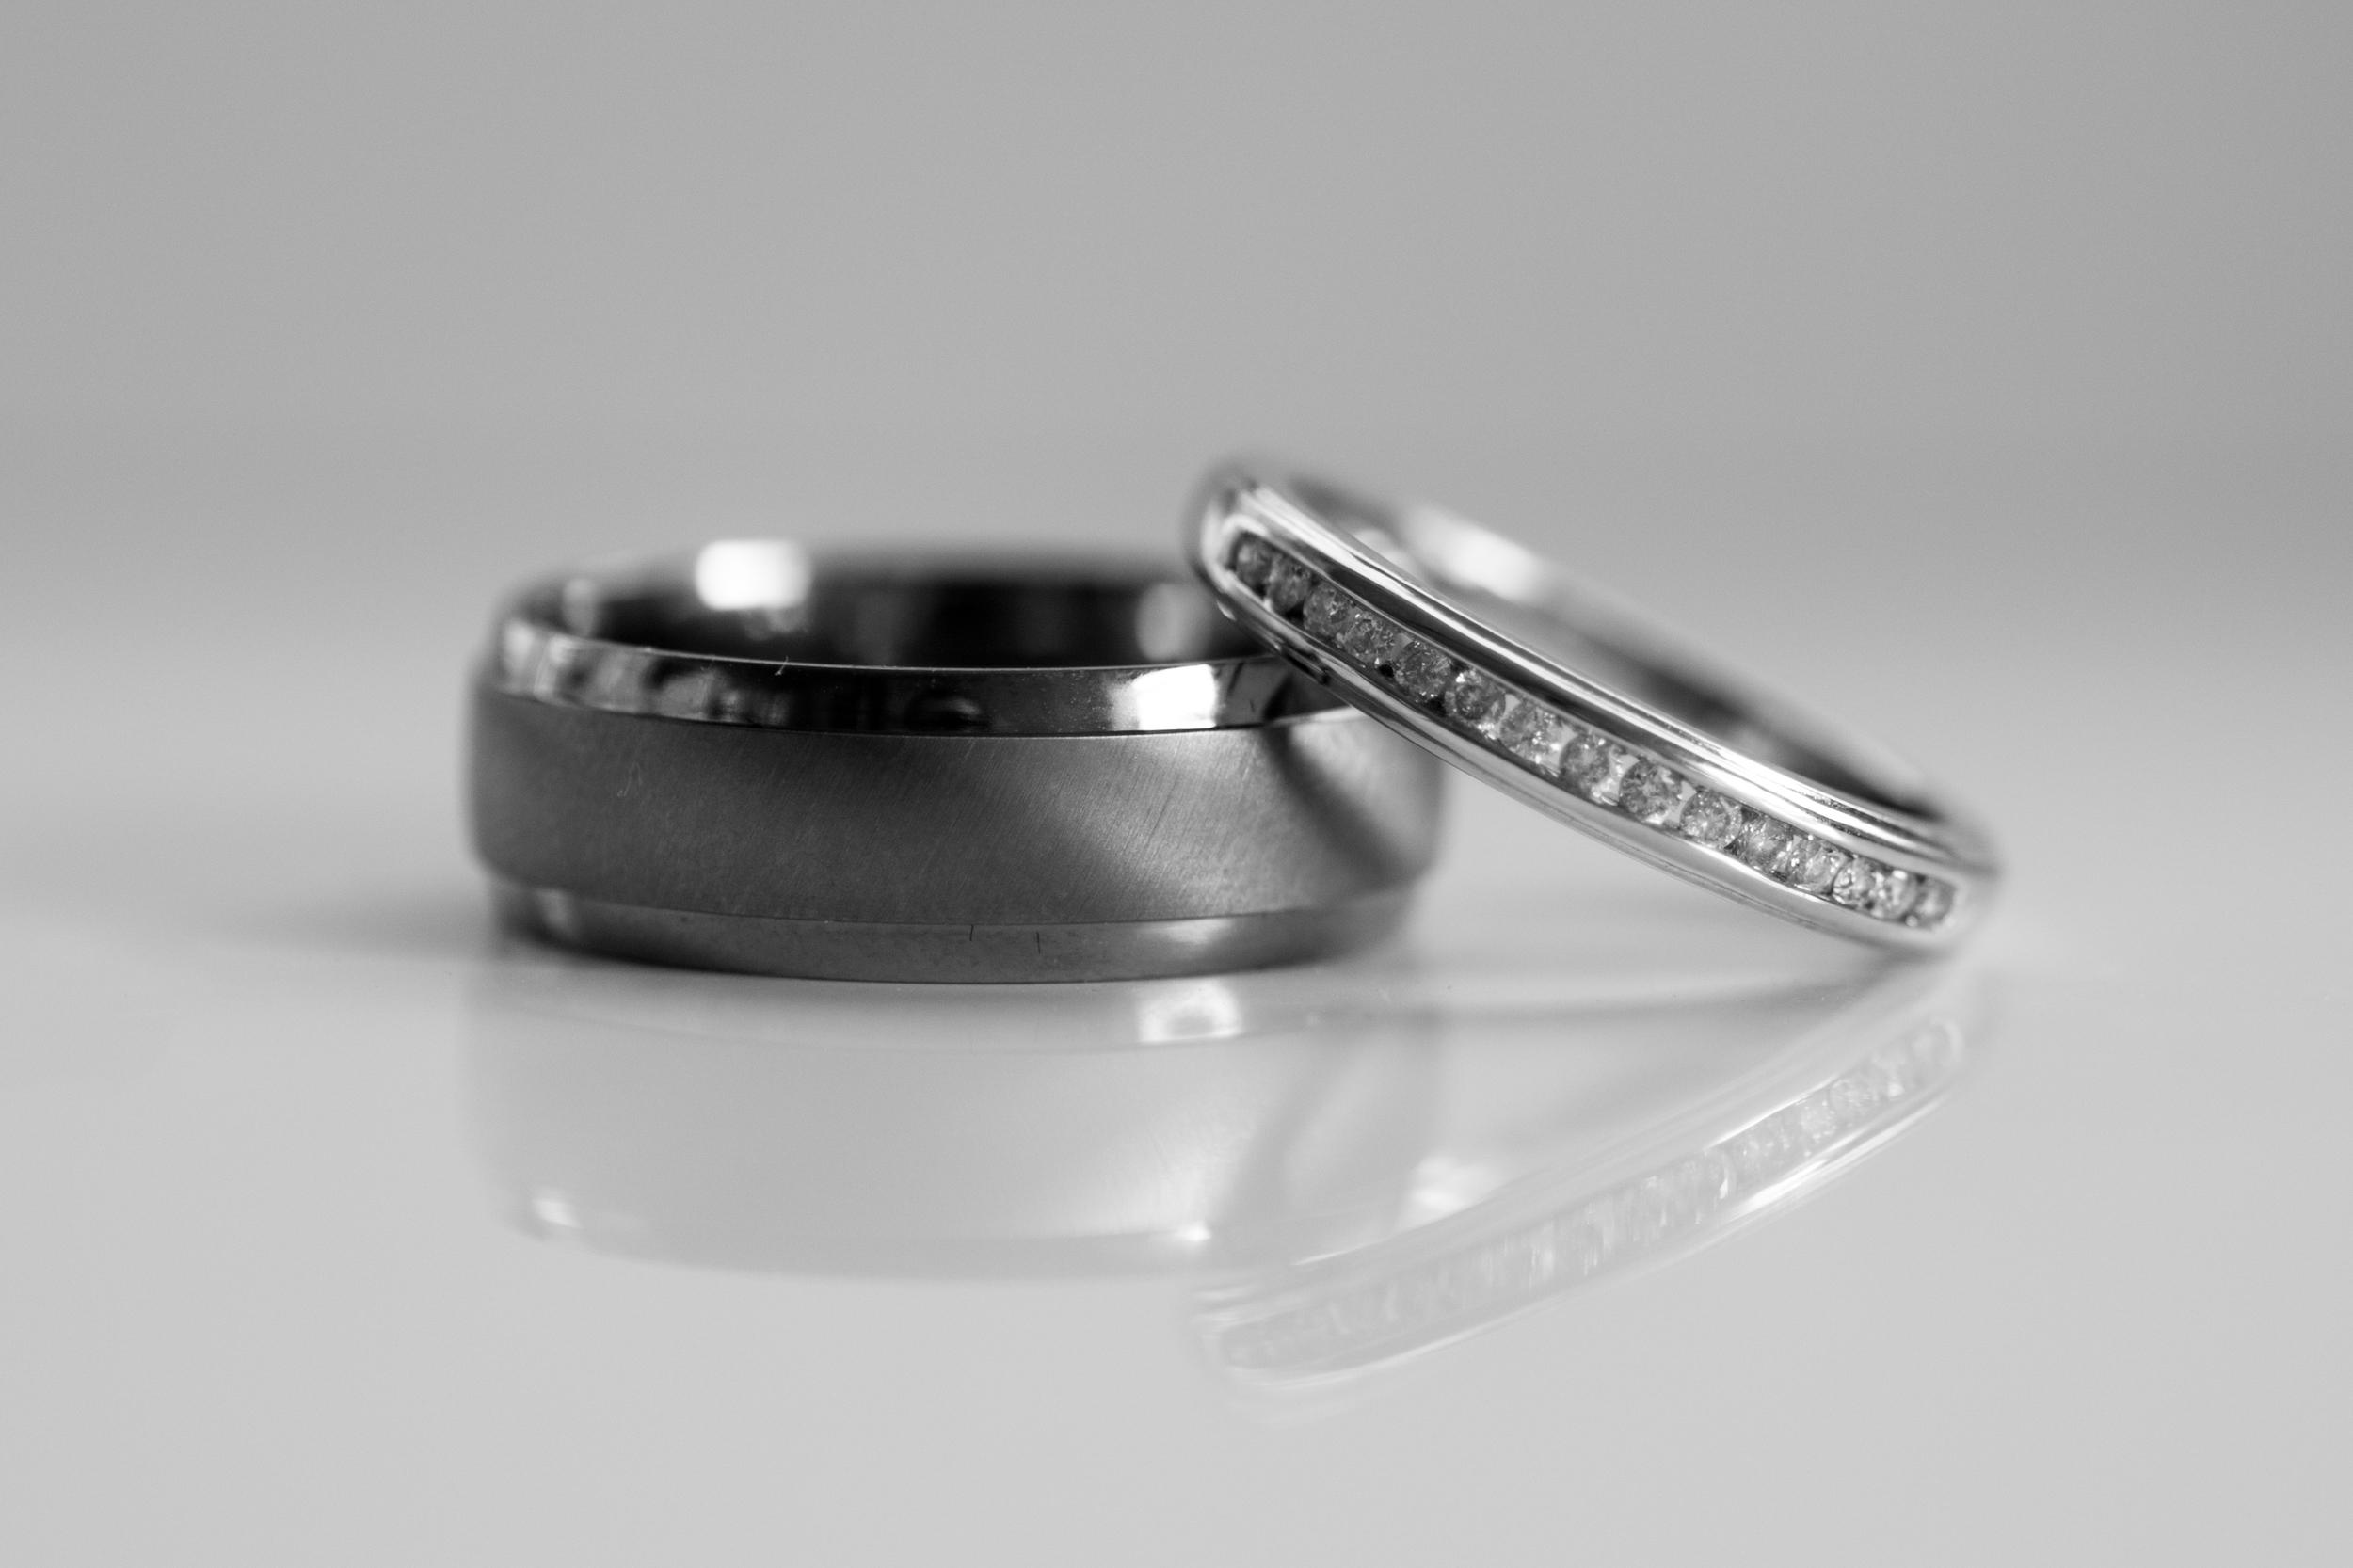 Belfast_Wedding_Photography_Wedding_Rings.jpg